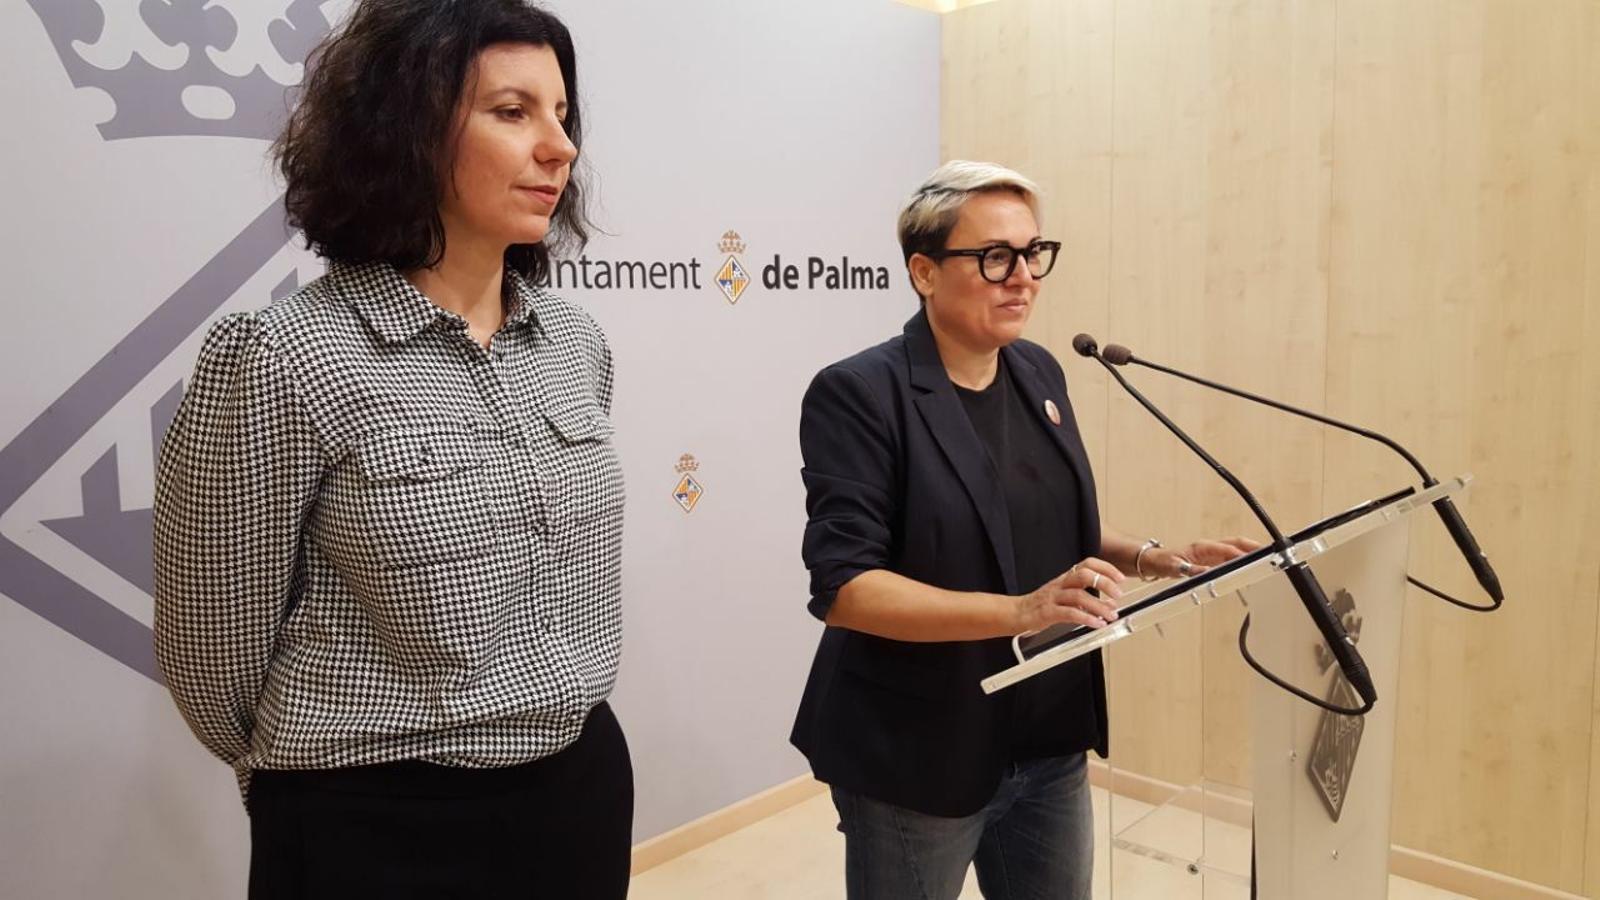 La regidora Sonia Vivas, i la psicòloga de la Fundació RANA, Beatriz Benaventa